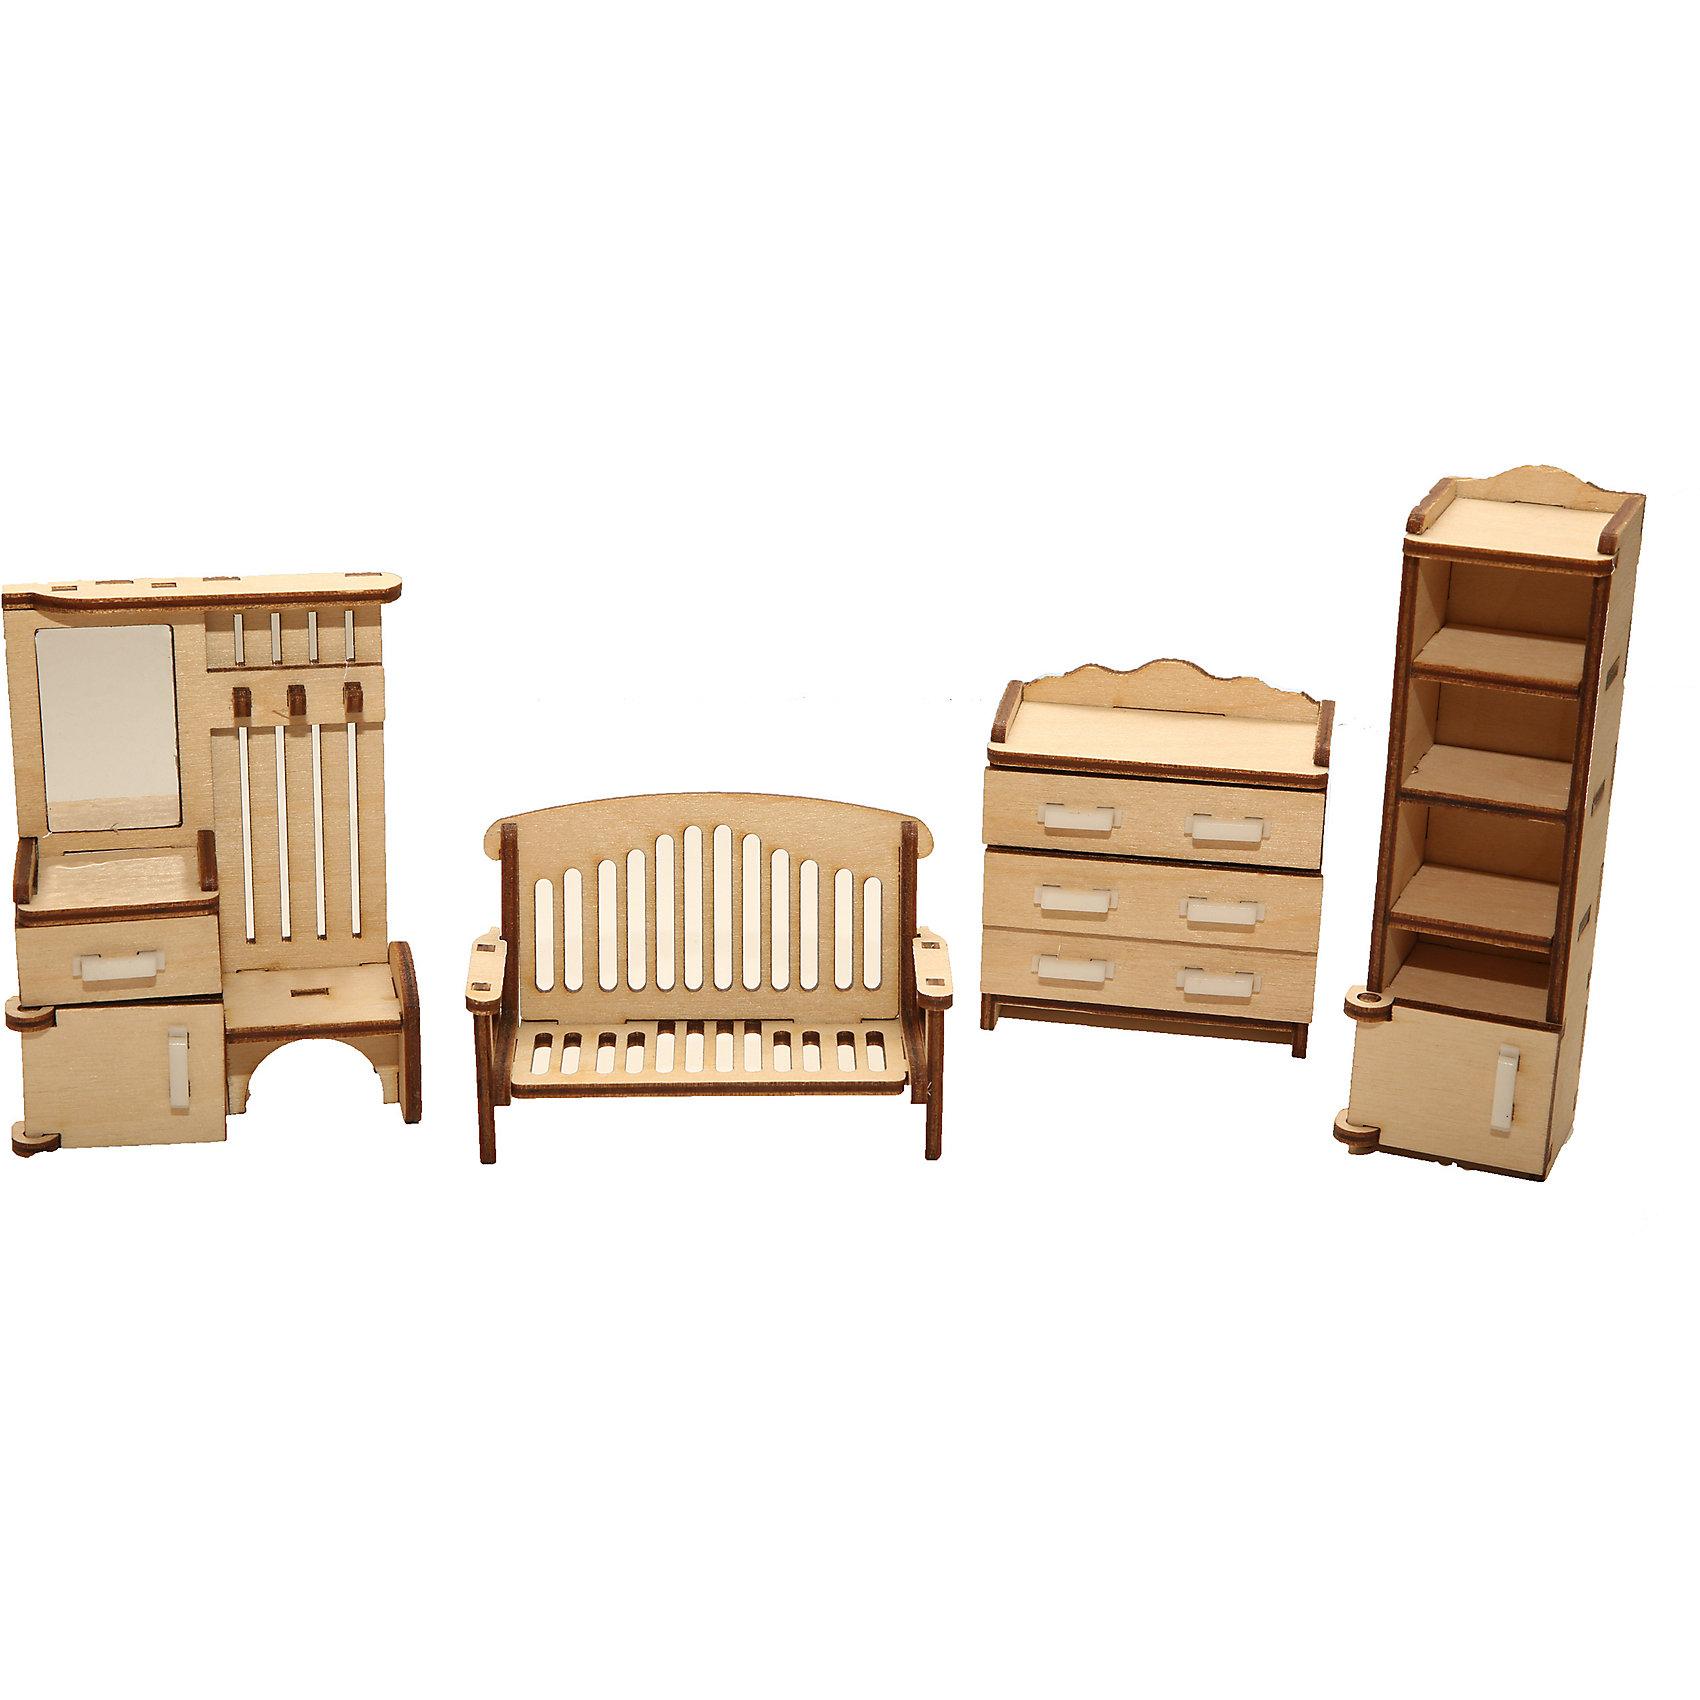 Деревянный набор мебели Happykon ПрихожаяДомики и мебель<br><br><br>Ширина мм: 30<br>Глубина мм: 65<br>Высота мм: 90<br>Вес г: 190<br>Возраст от месяцев: 60<br>Возраст до месяцев: 144<br>Пол: Женский<br>Возраст: Детский<br>SKU: 7023767